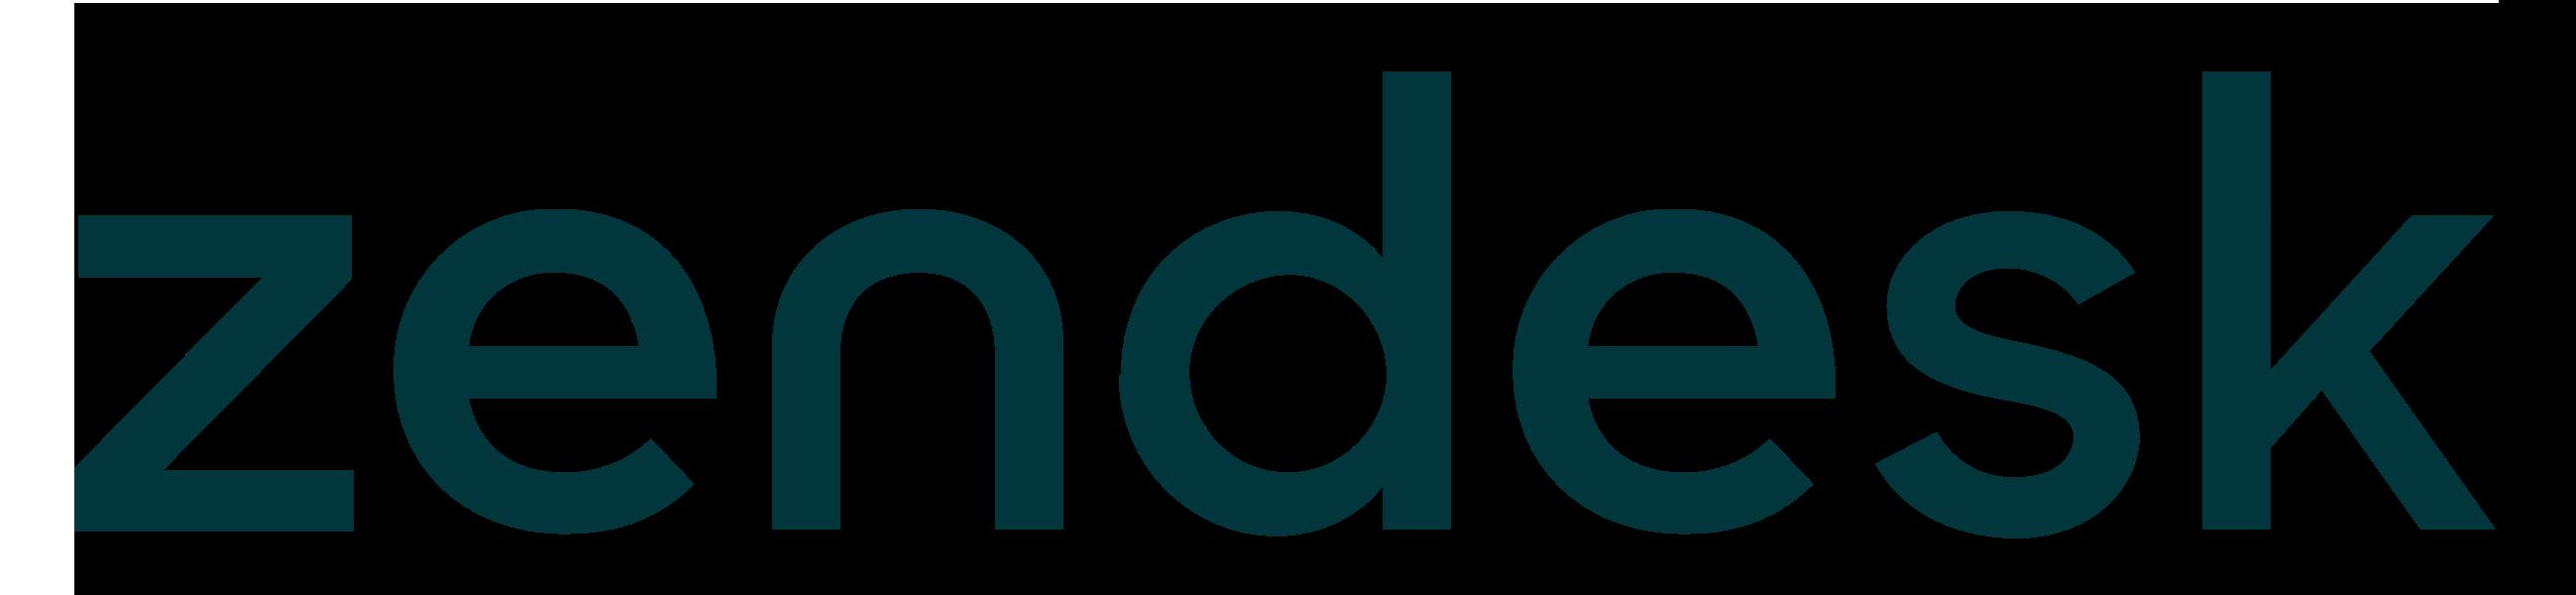 Zendesk_logo_wordmark.png - Zendesk PNG